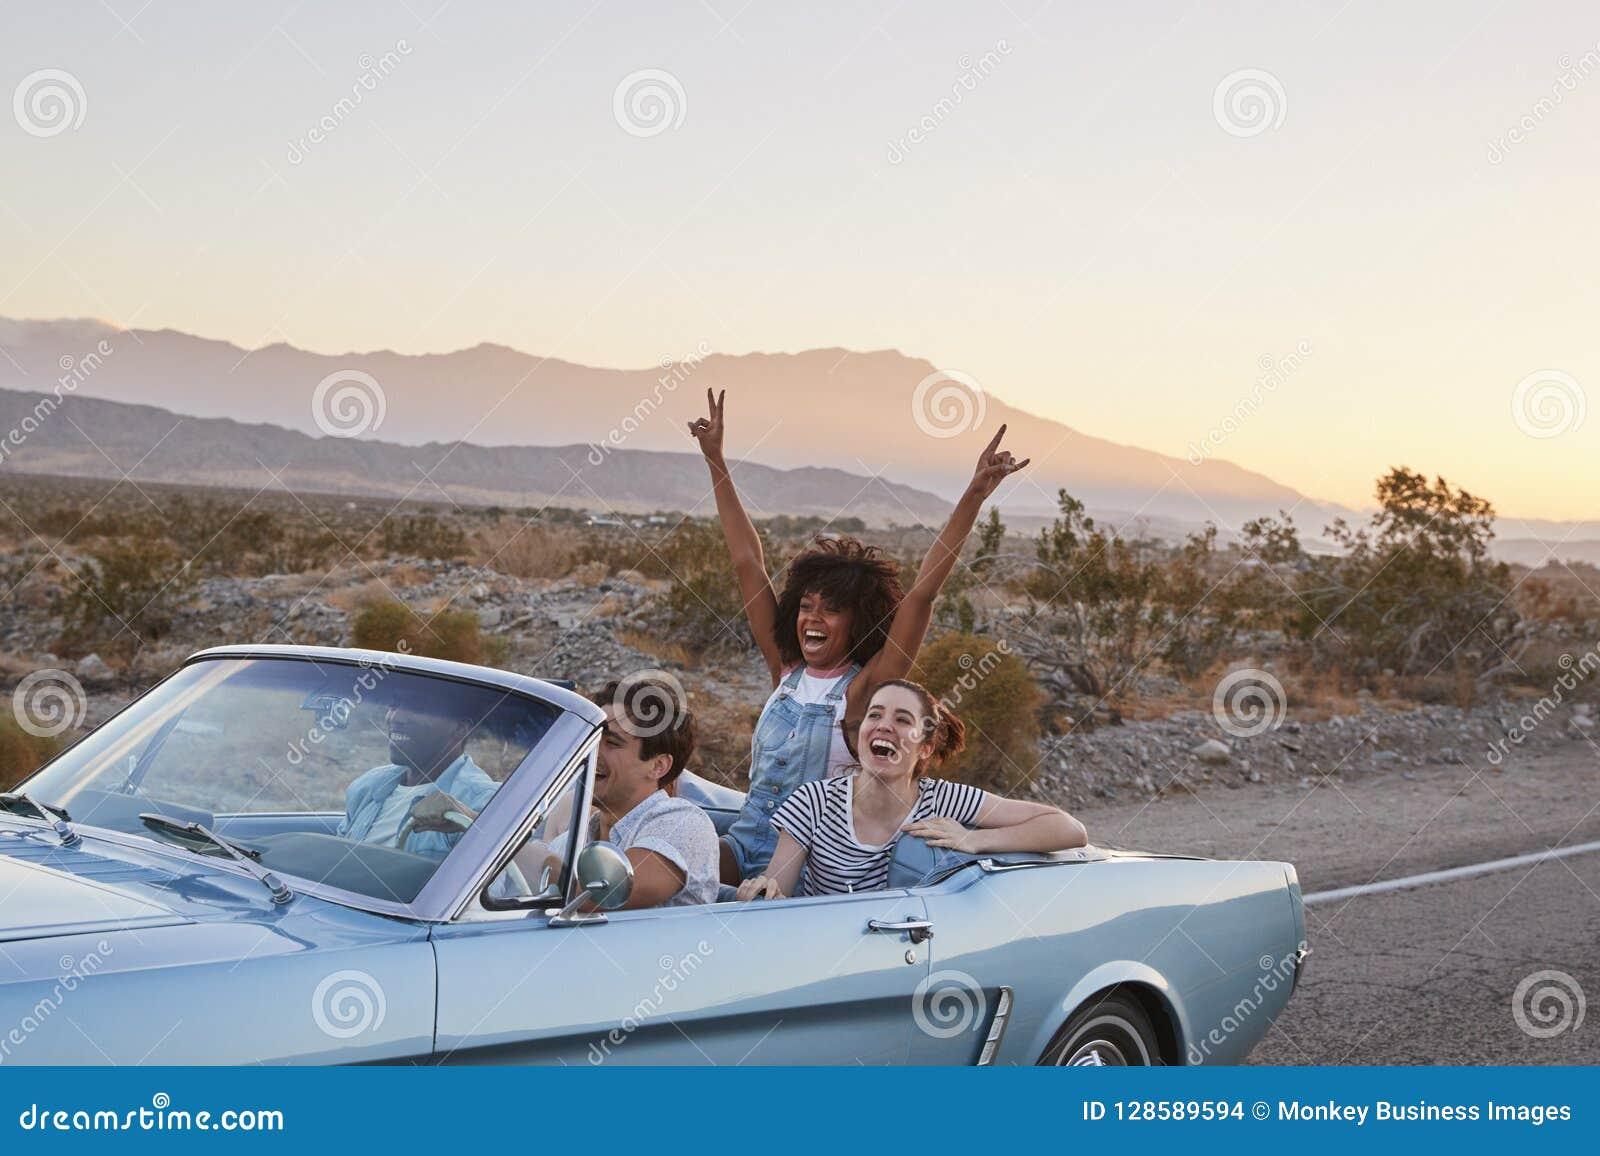 小组驾驶经典敞篷车汽车的旅行的朋友